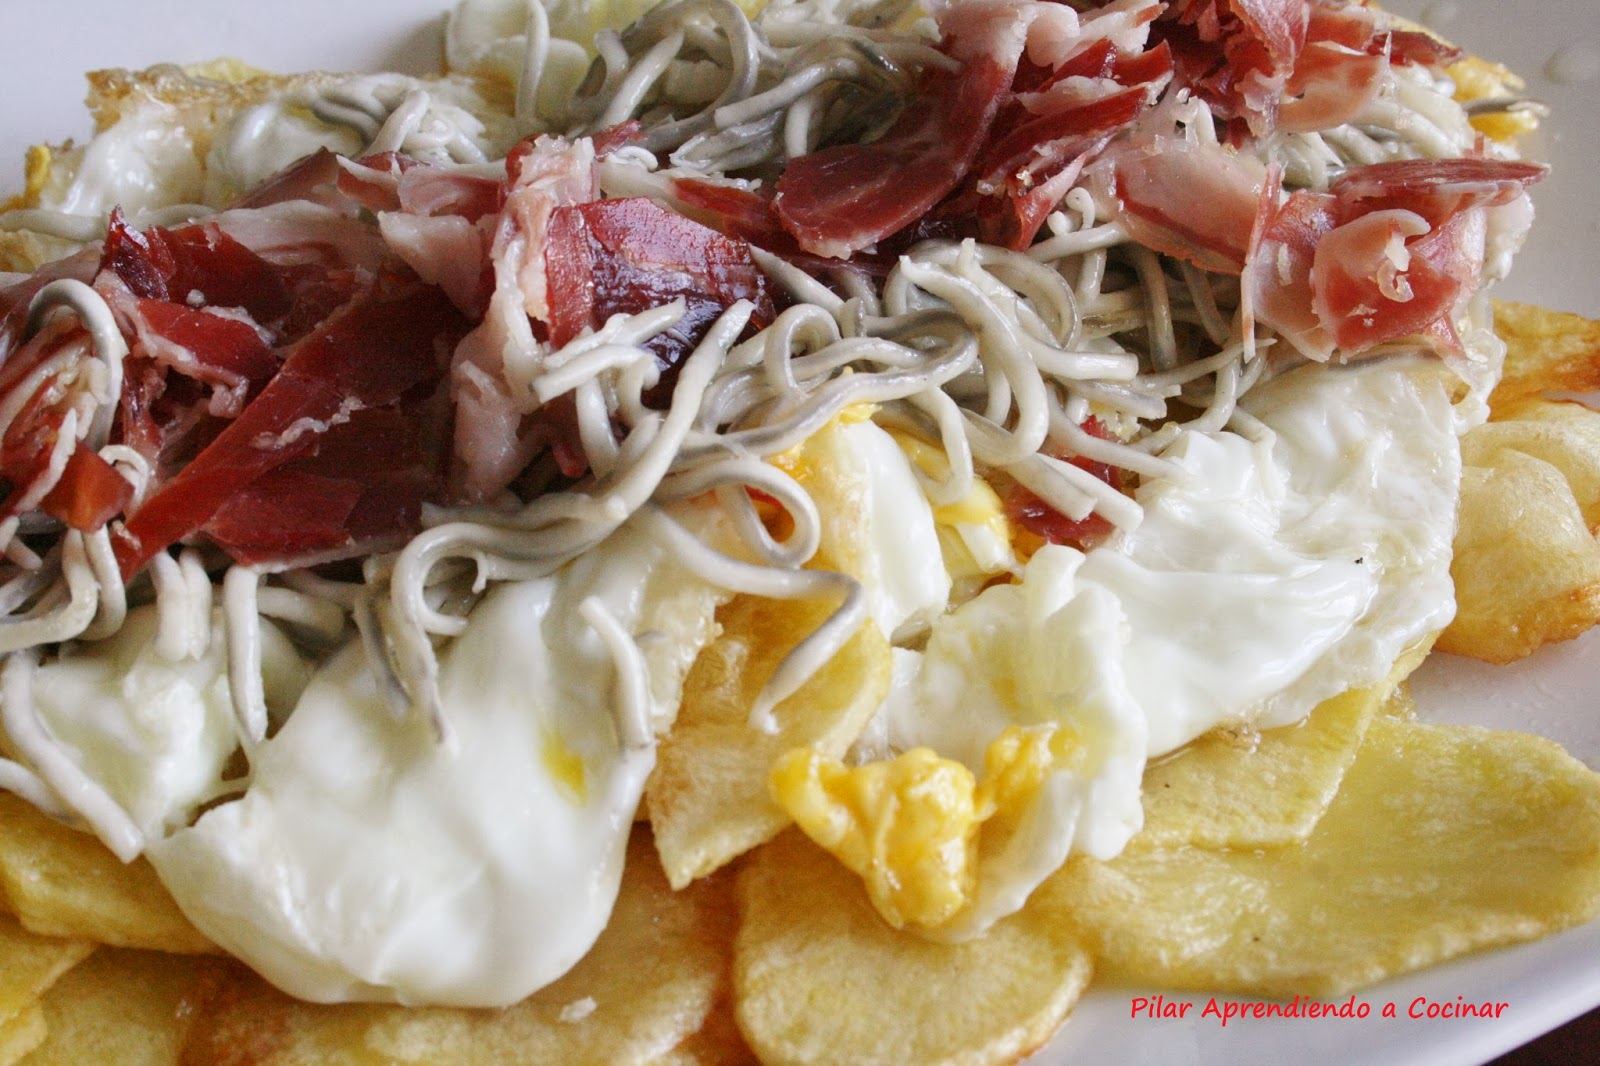 Aprendiendo a cocinar huevos rotos con jamon iberico y - Platos con jamon iberico ...